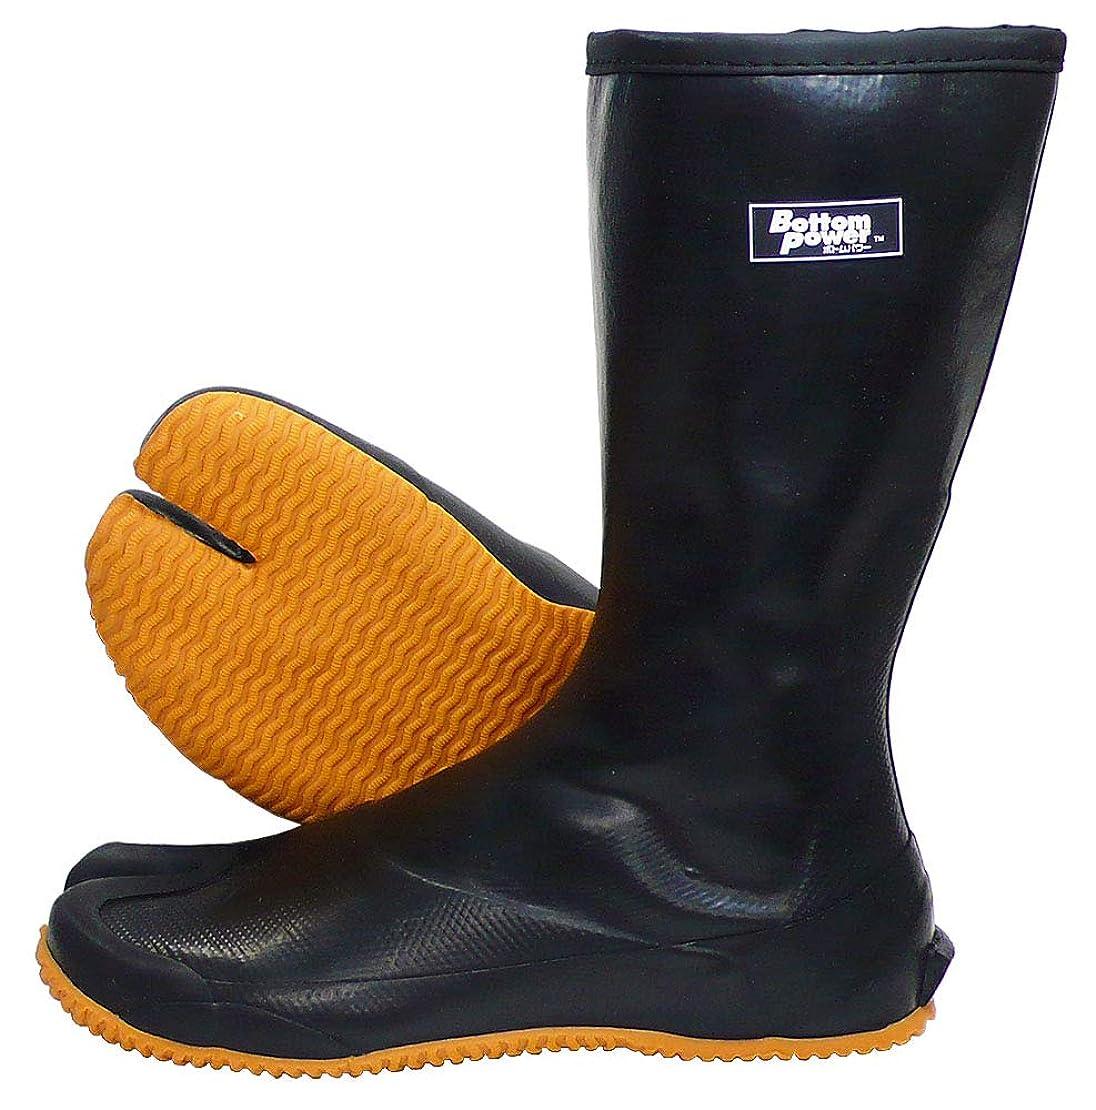 広がりフライト本土ATOM(アトム) 防水ゴムタビ 指付 履きやすいファスナー付き BP471 (3Lサイズ (27.5cm~28.0cm))